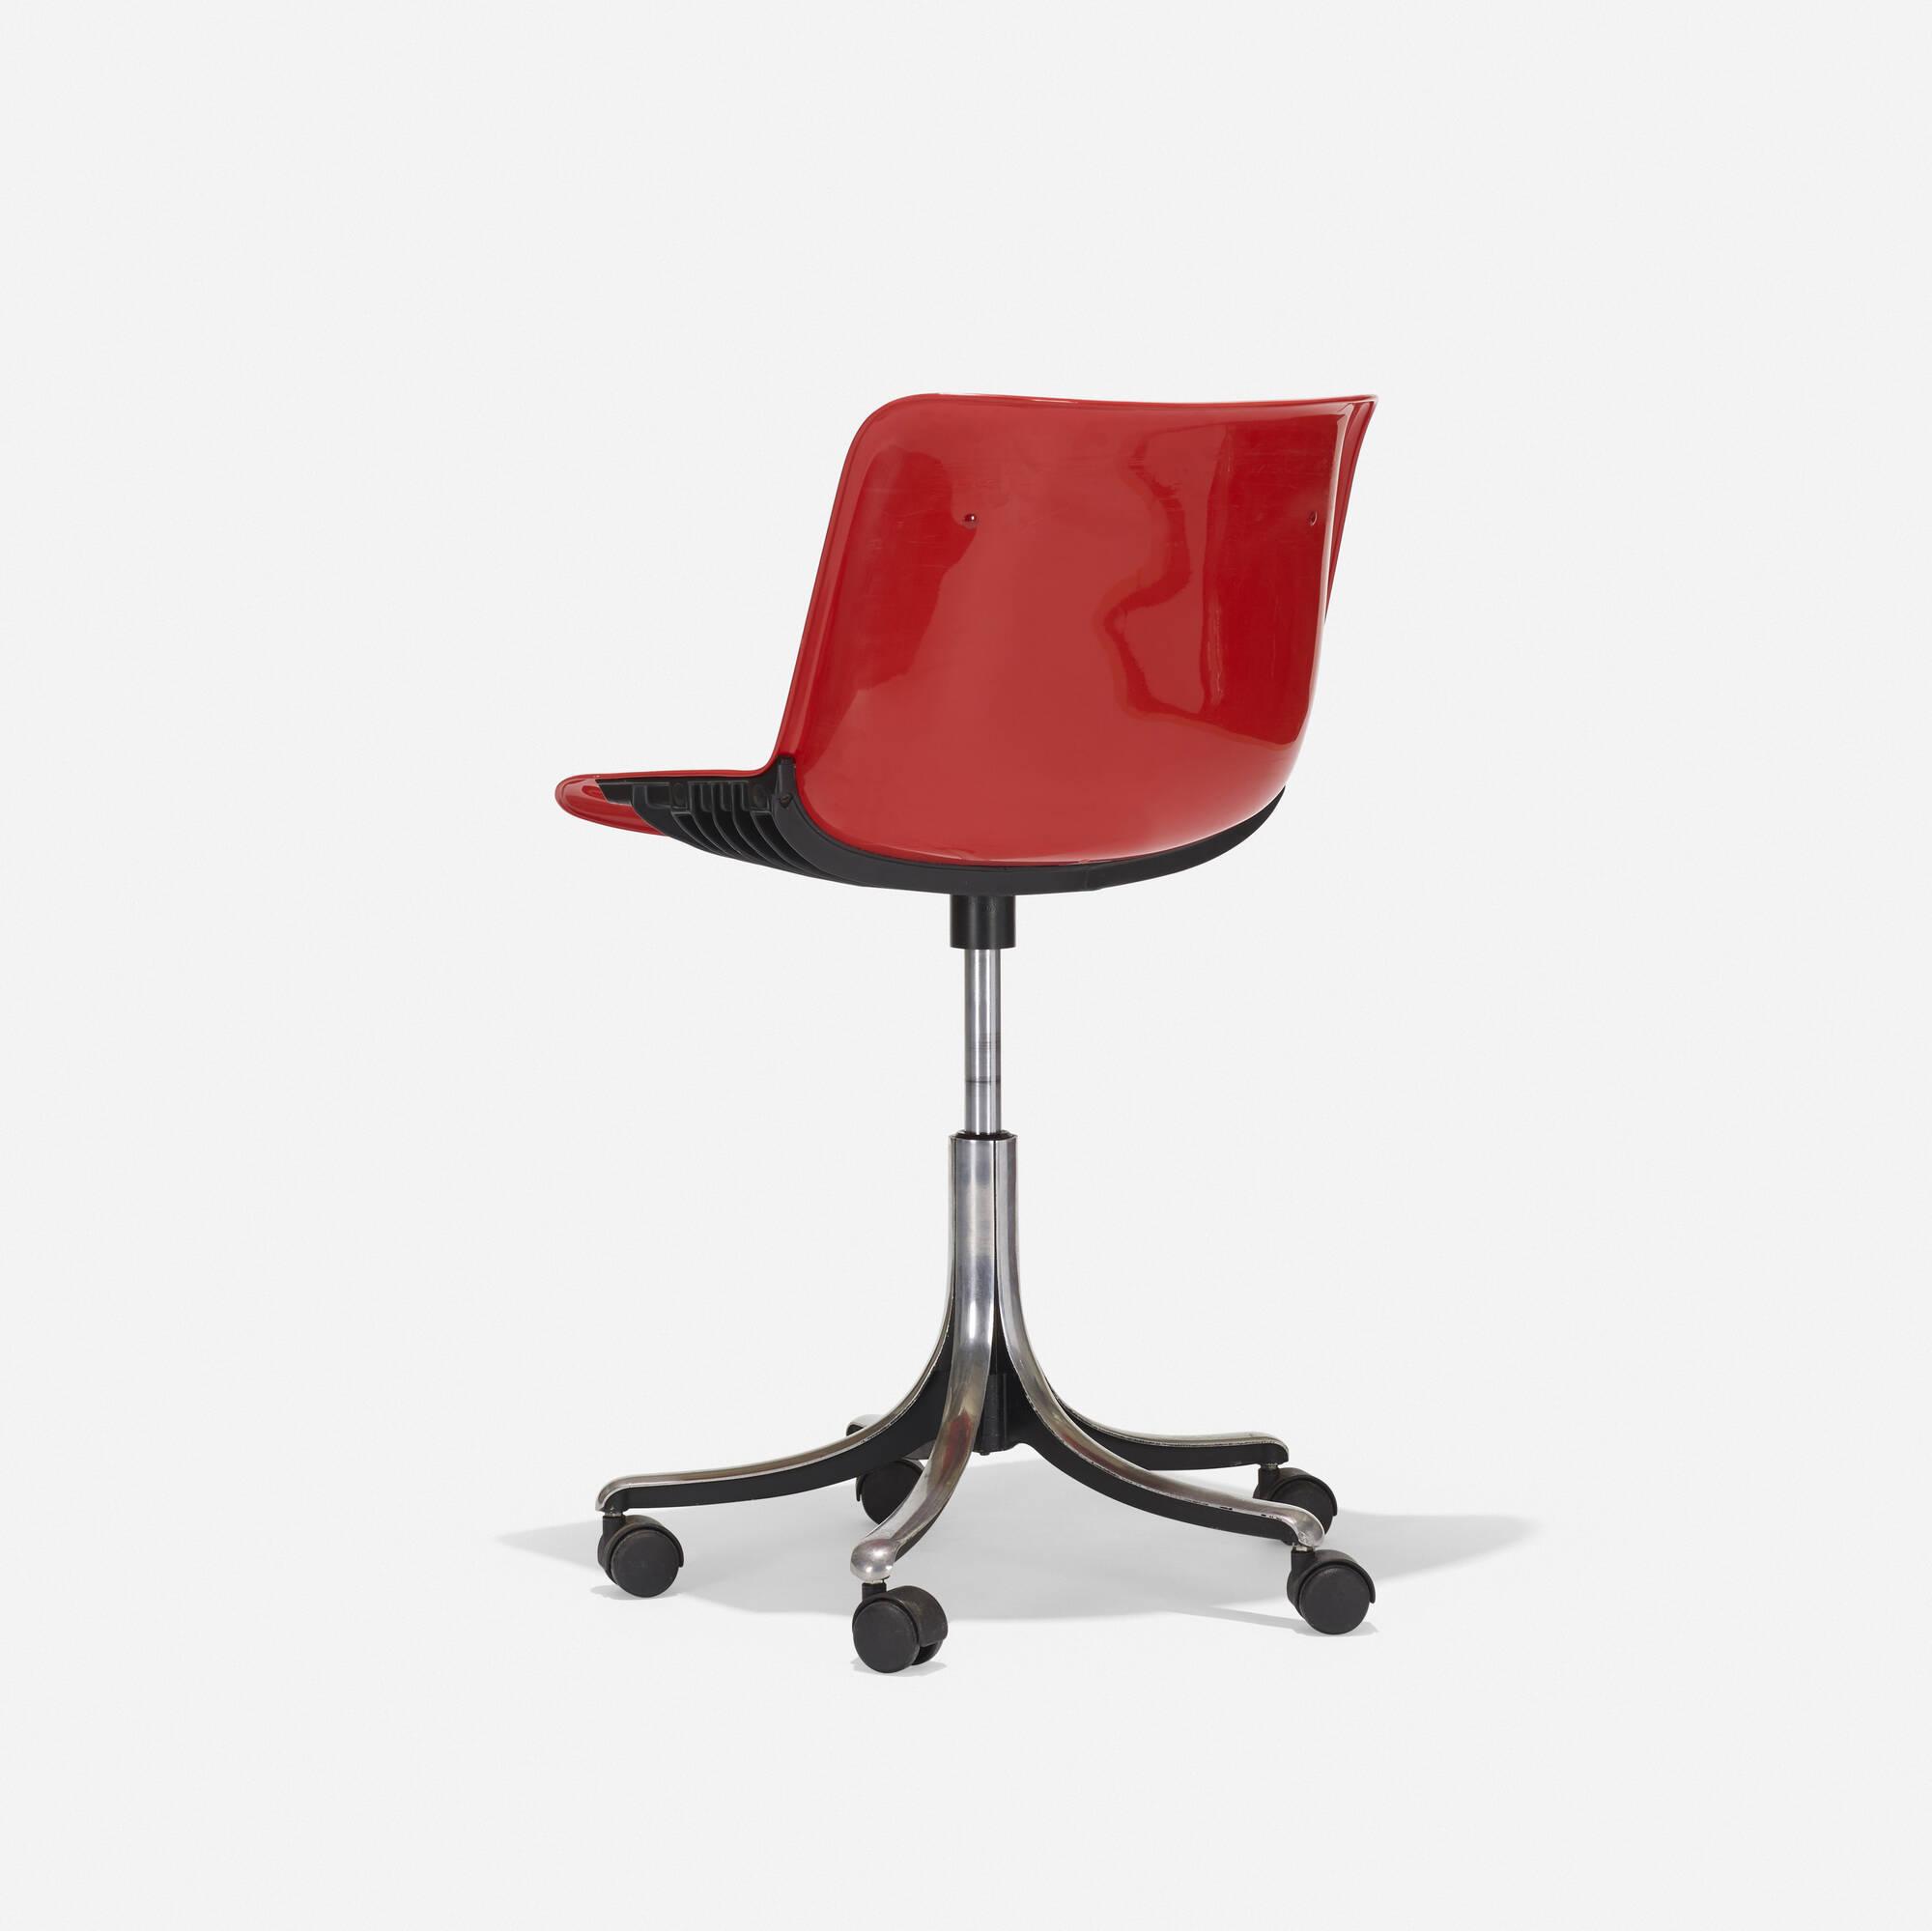 398: Osvaldo Borsani / chair, model SM 203 (3 of 3)